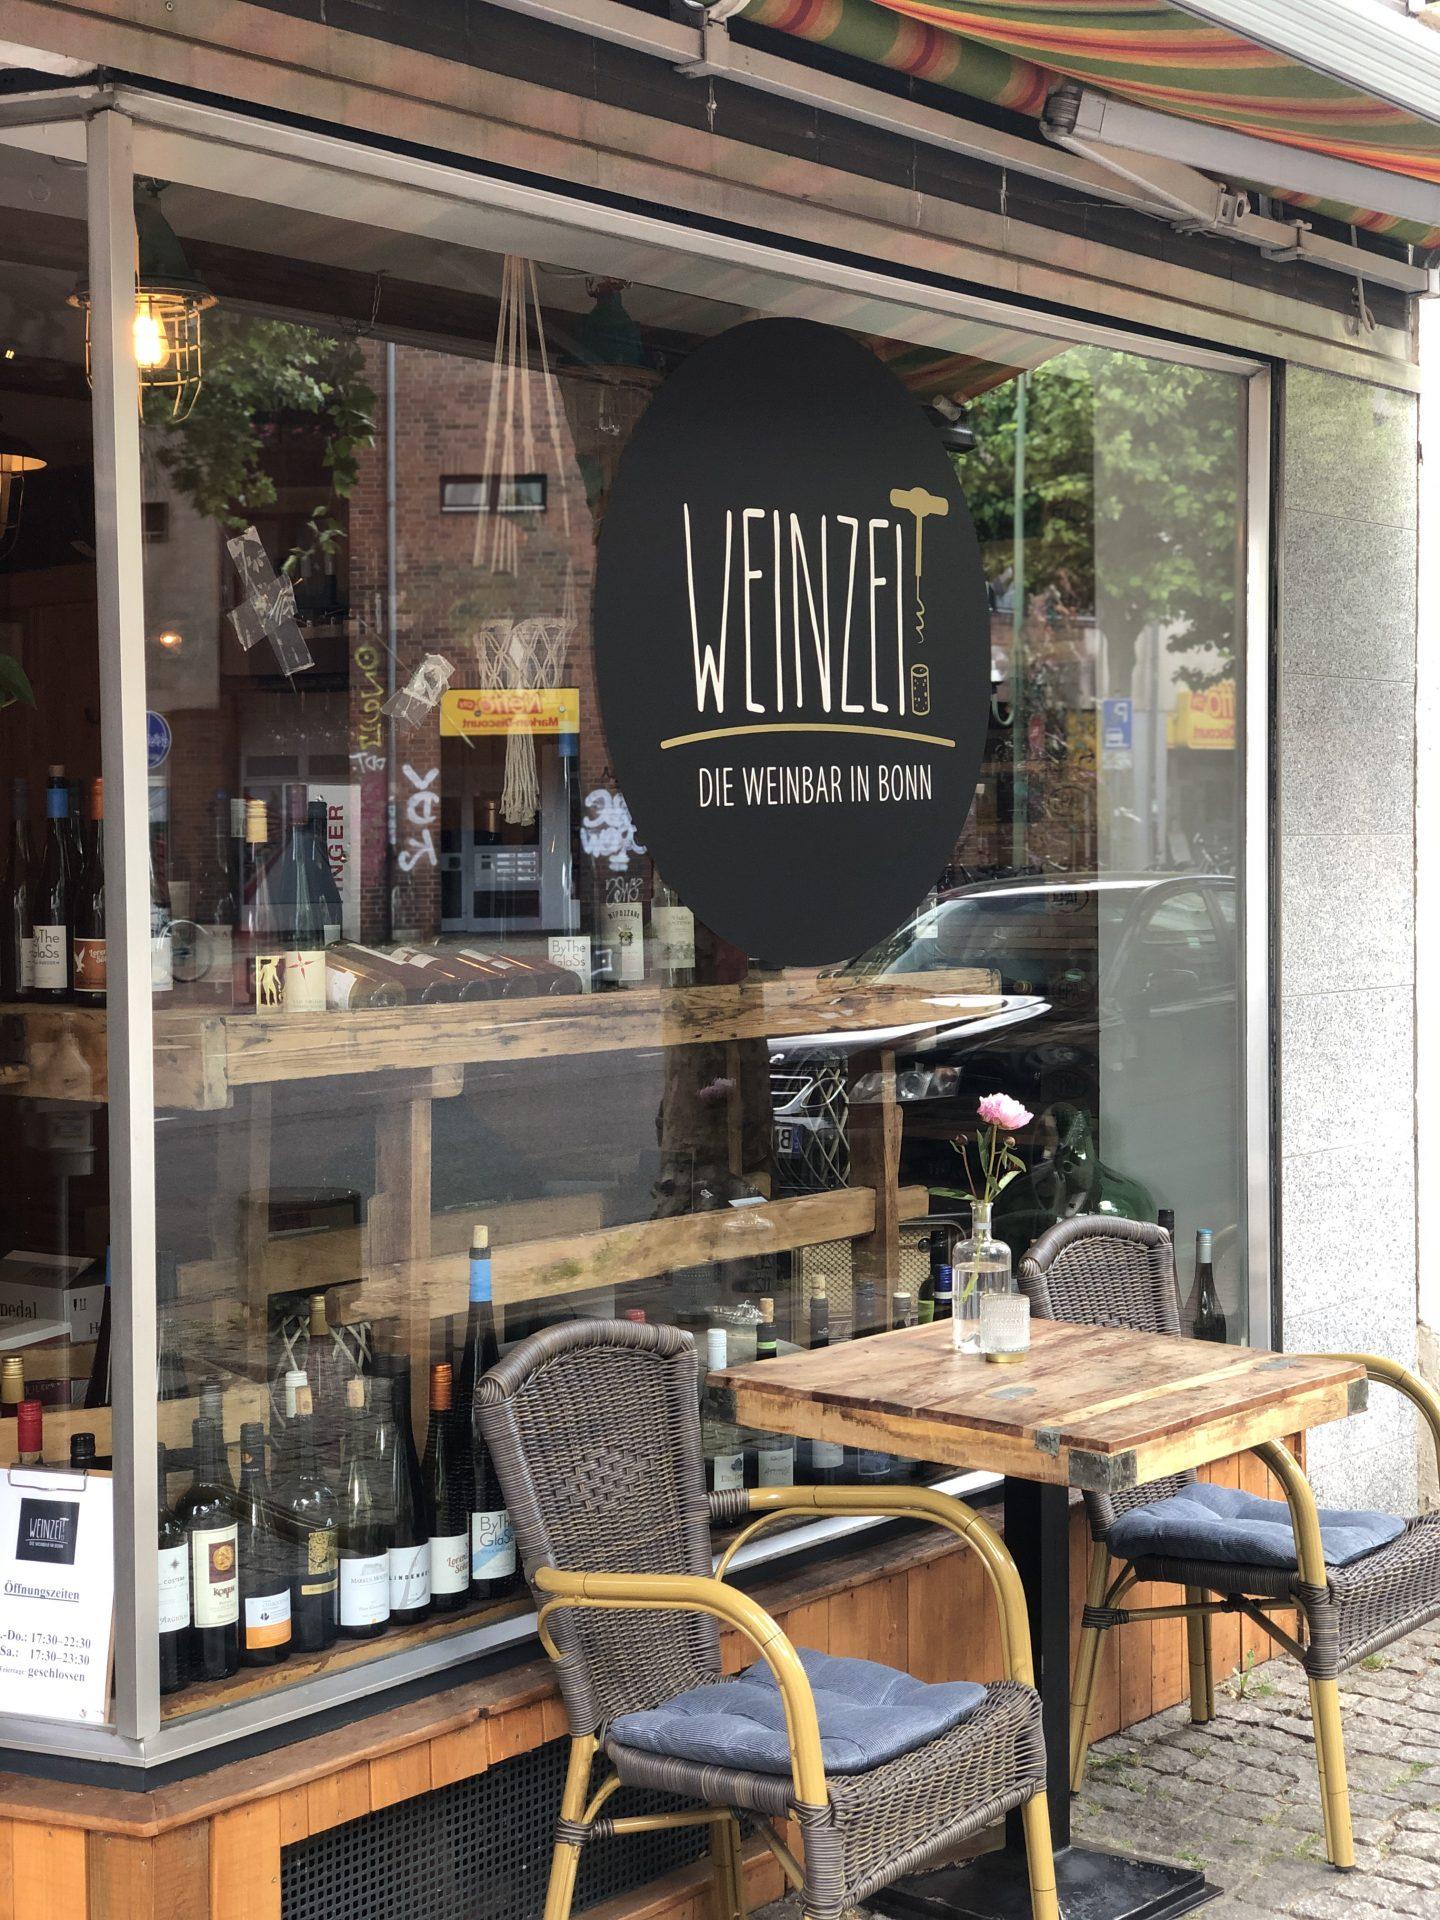 Weinzeit in Bonn – Die Weinbar in Poppelsdorf